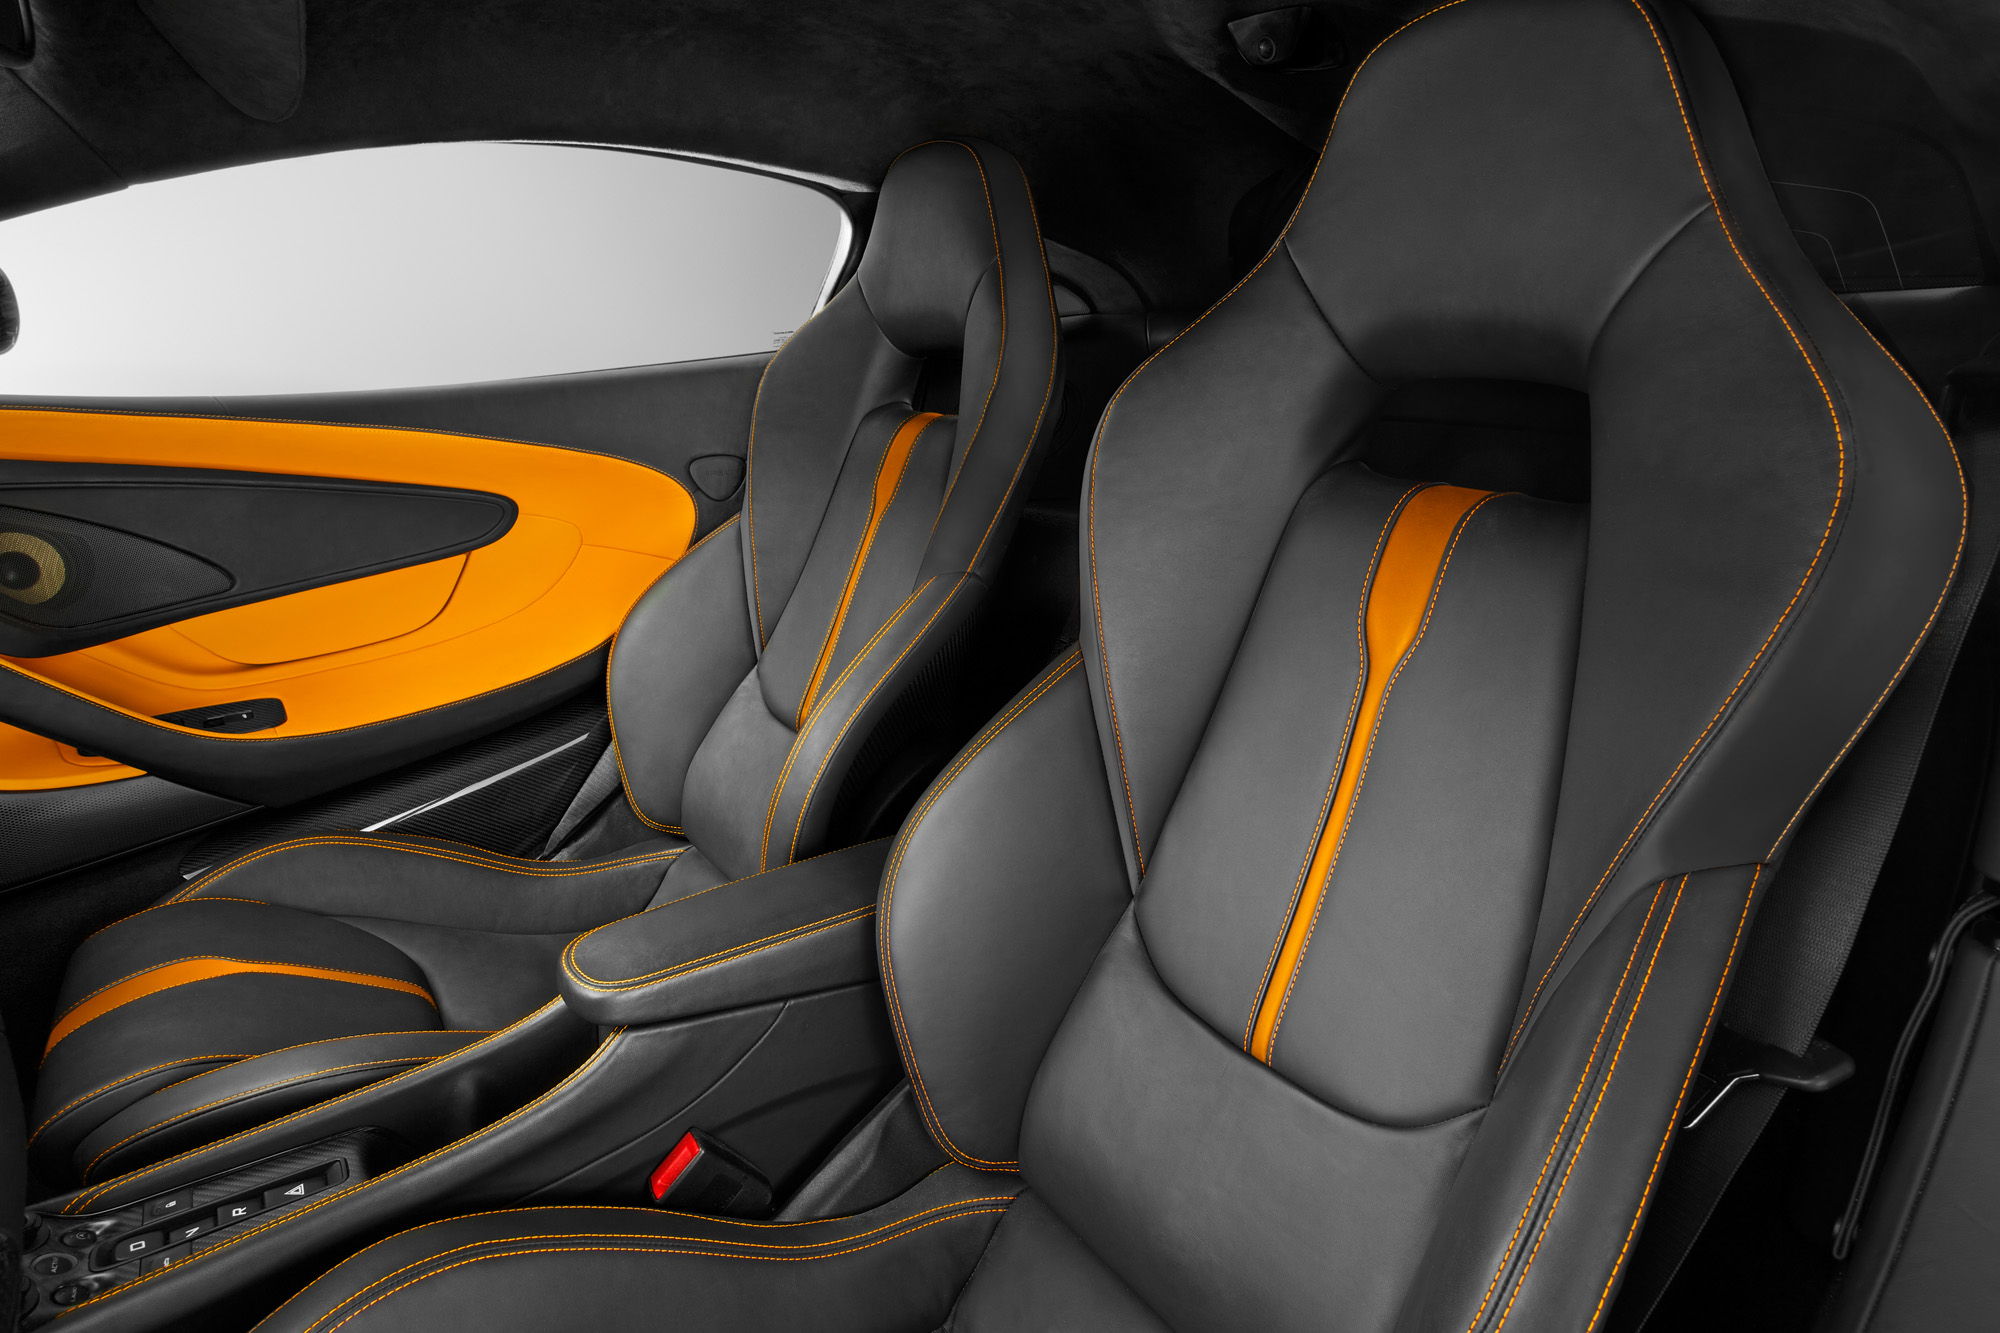 mclaren-570s-coupé-09